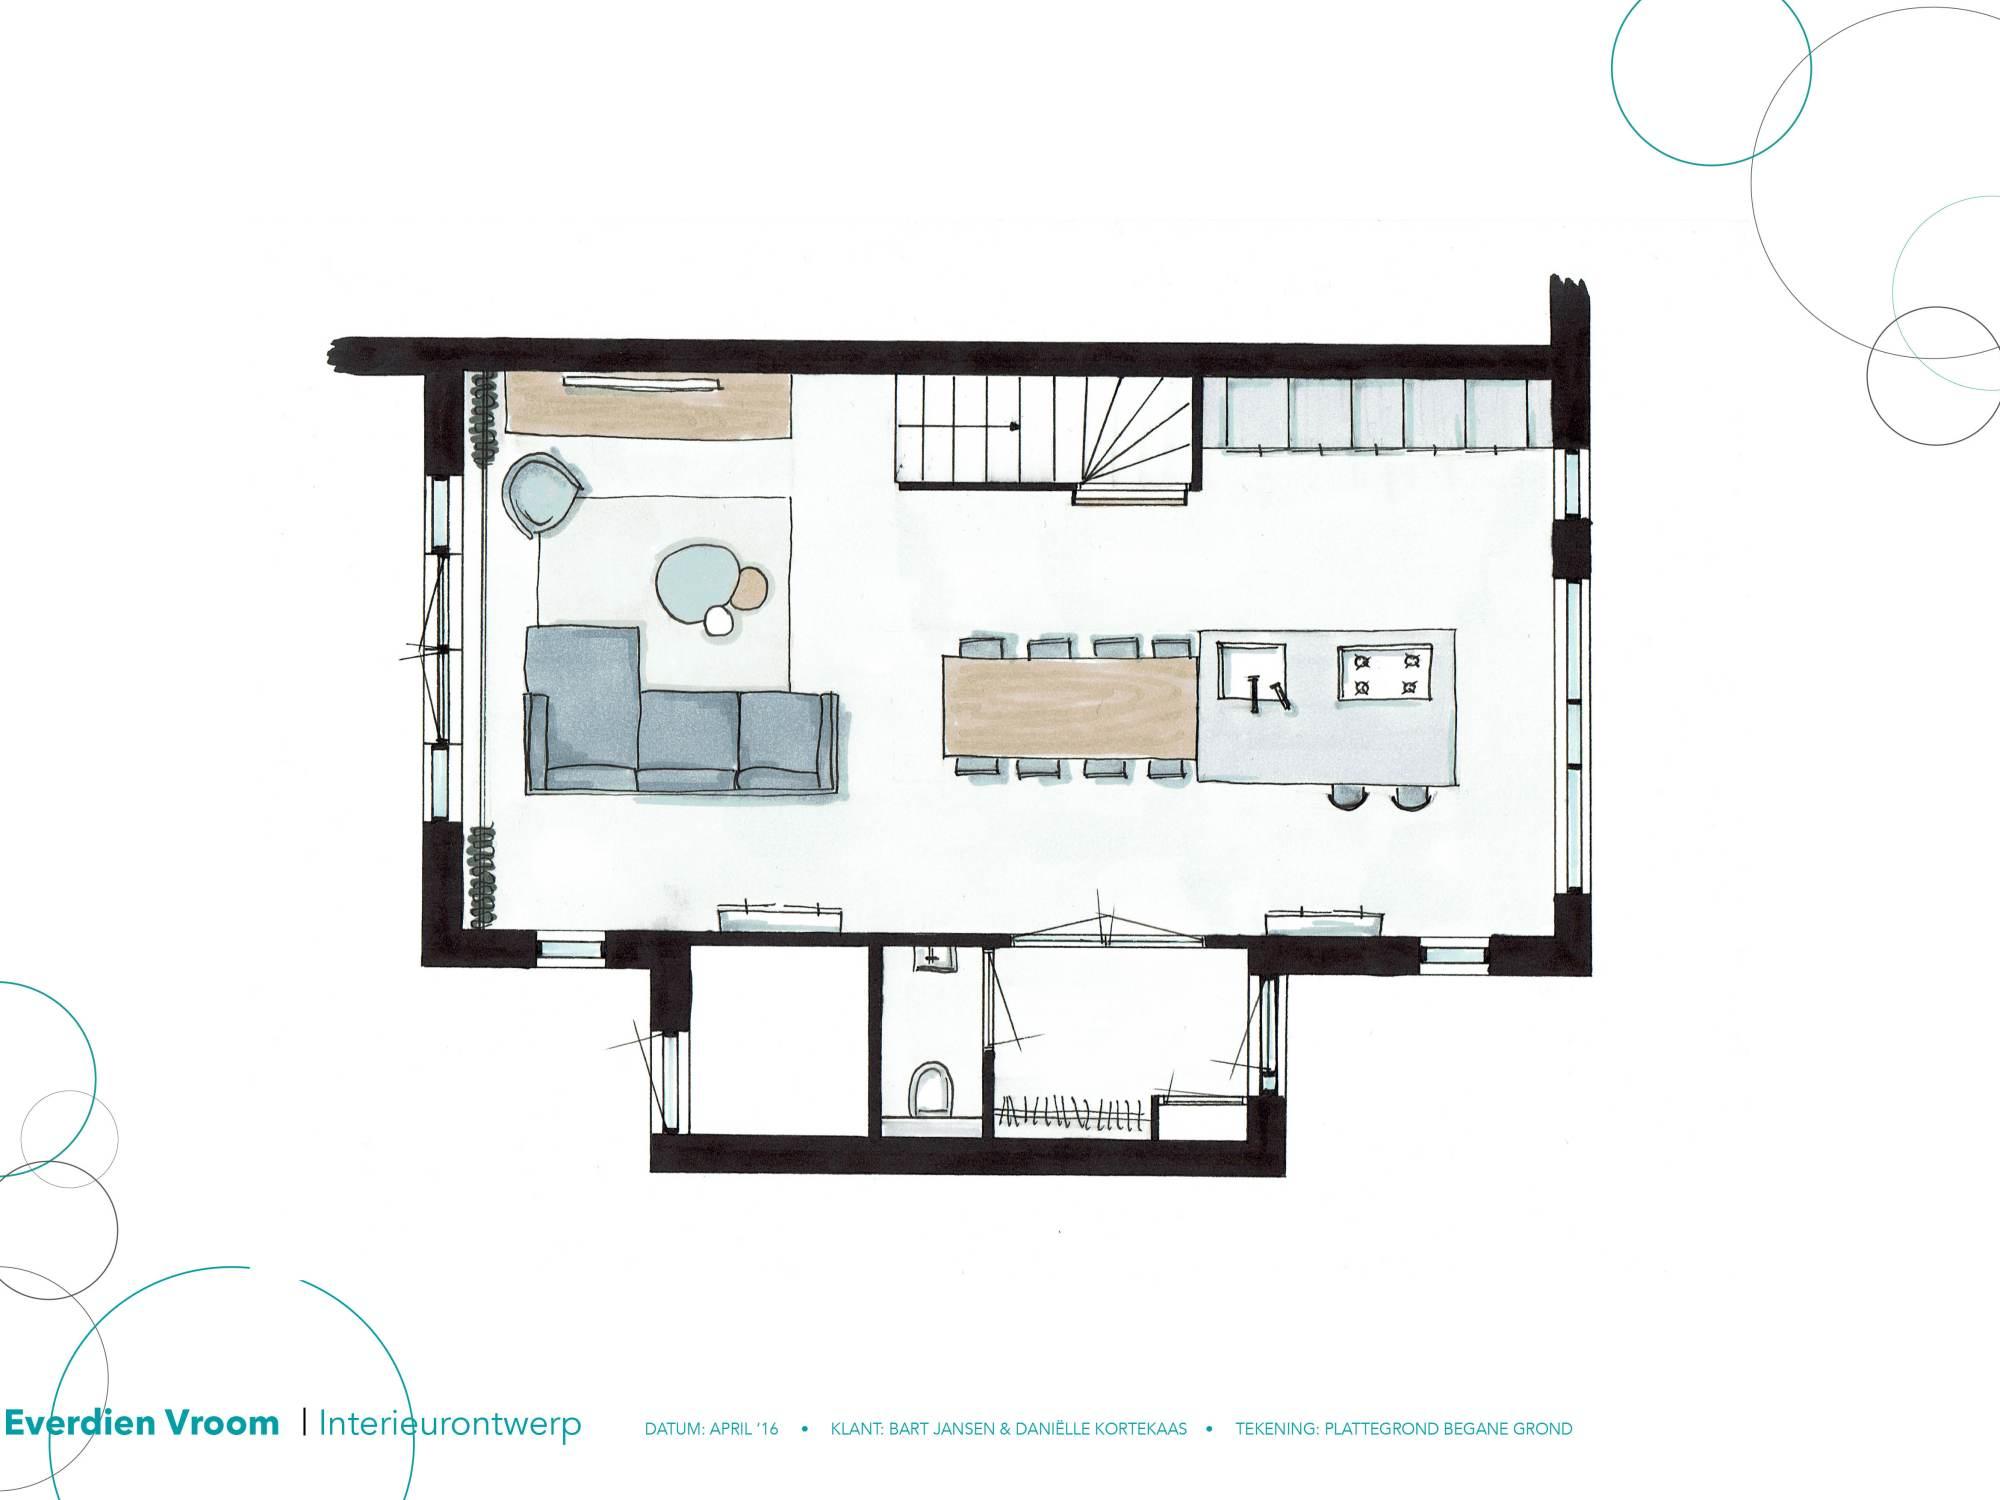 Interieurontwerp naaldwijk 2016 everdien vroom for Keuken tekenen